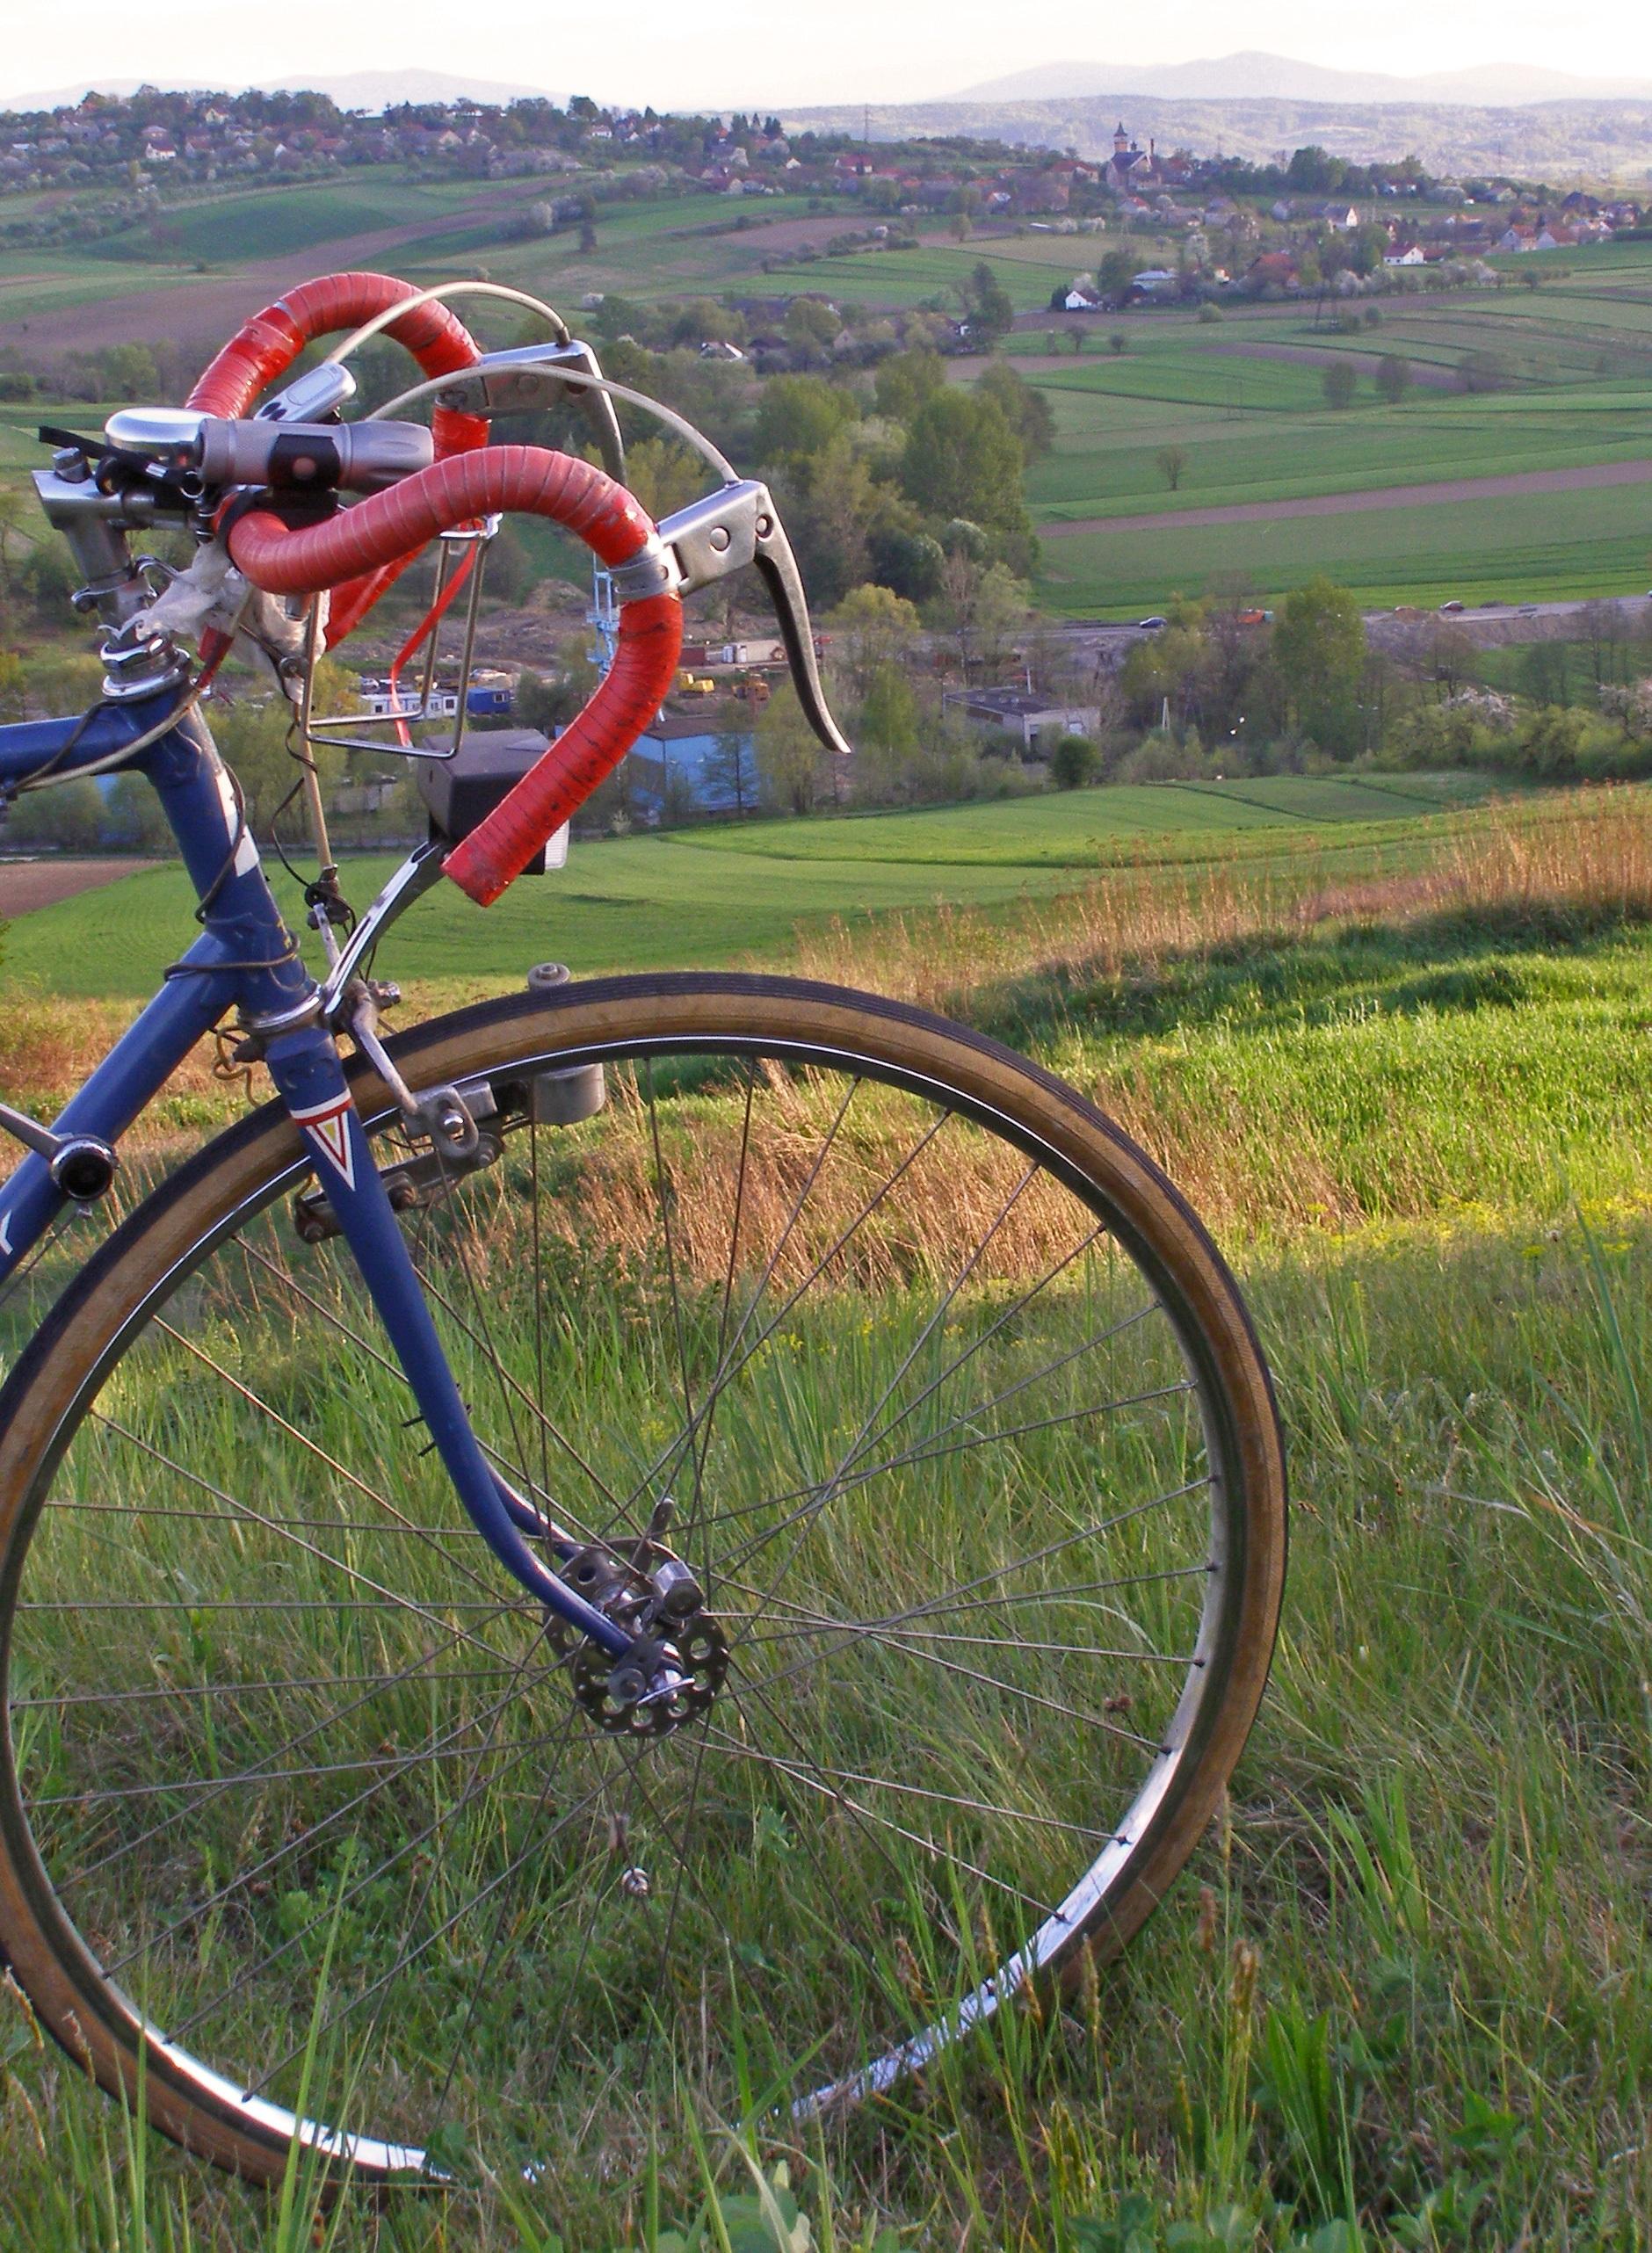 Kostenlose foto : Rad, Aussicht, Fahrzeug, Lenkrad, Sportausrüstung ...